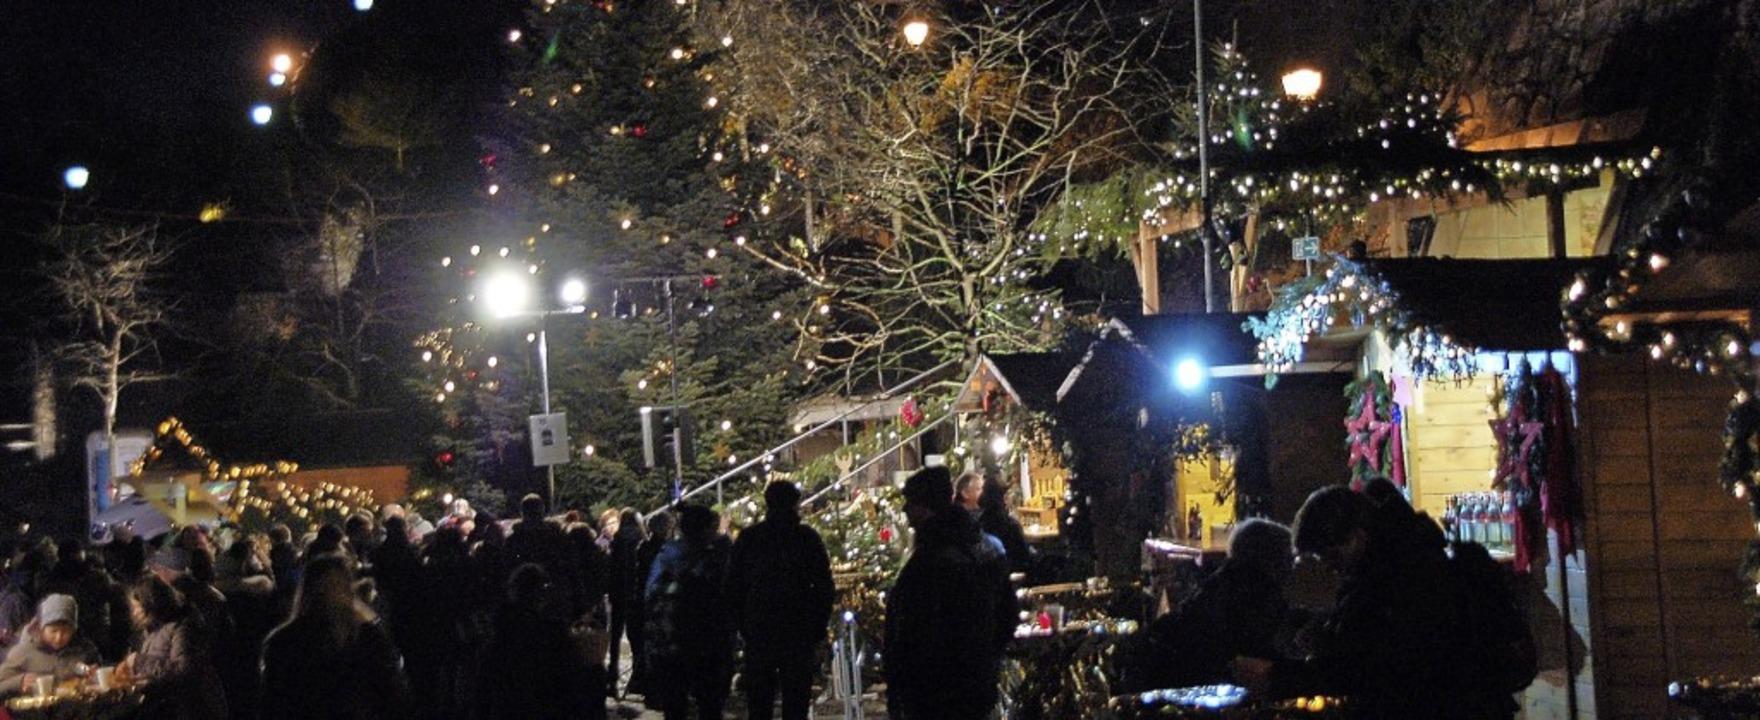 Die Besucher schwärmen Jahr für Jahr vom besonderen Flair der Altstadtweihnacht.  | Foto: Hildegard Siebold